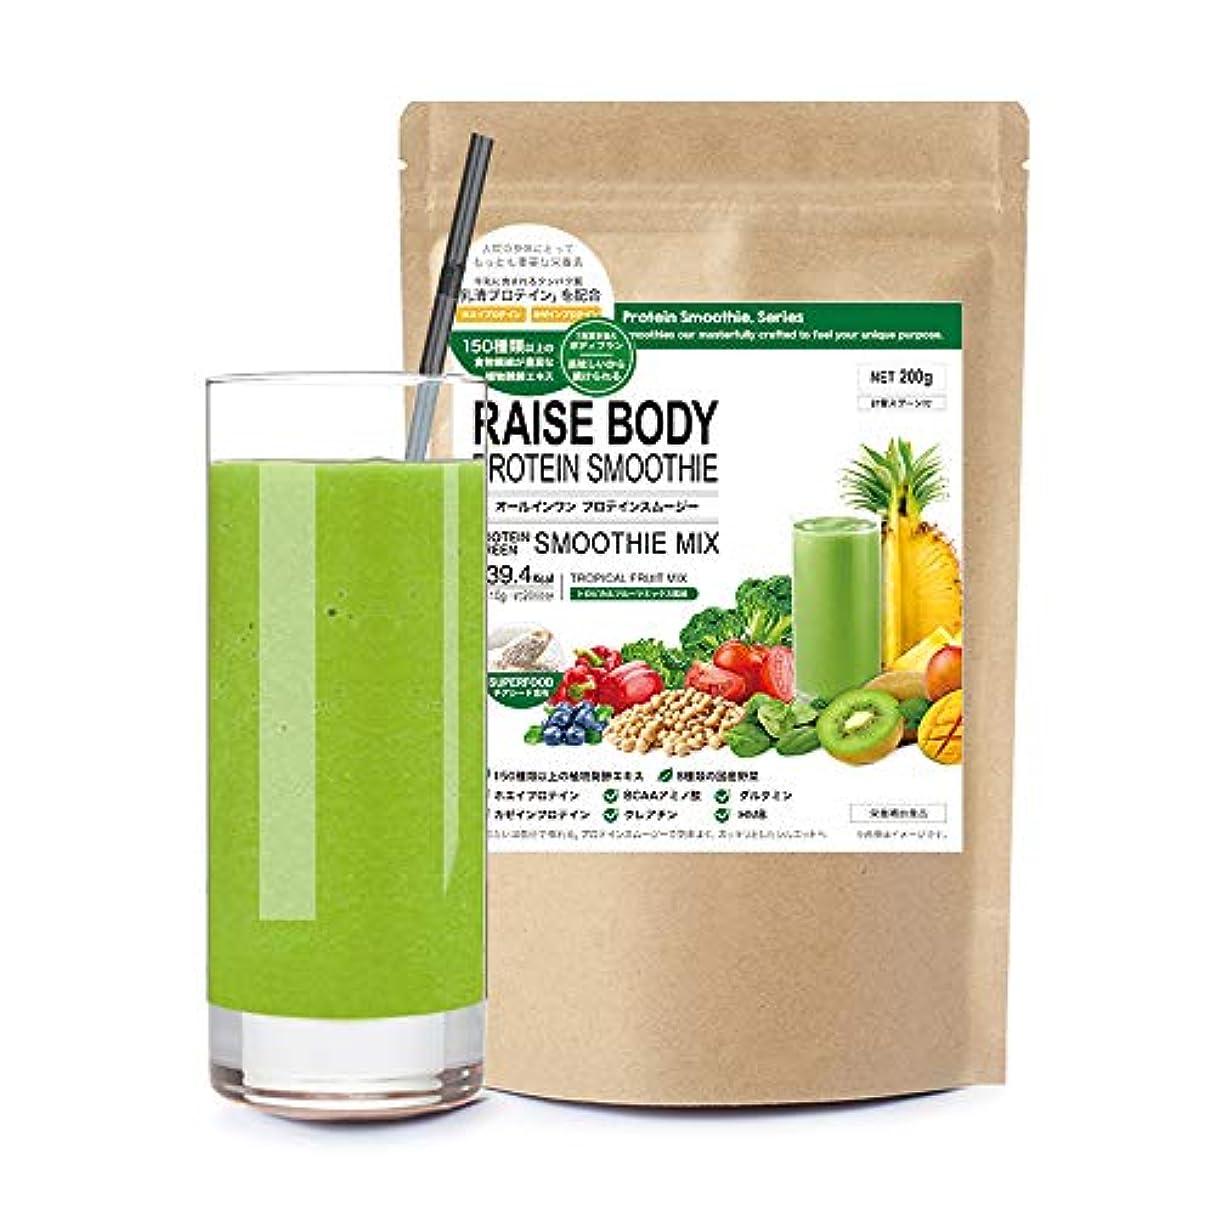 成長する注ぎます連結するスムージー プロテイン ダイエット シェイク ミネラル酵素 置き換え トロピカルフルーツ風味 RAISE BODY 200g(20回分)